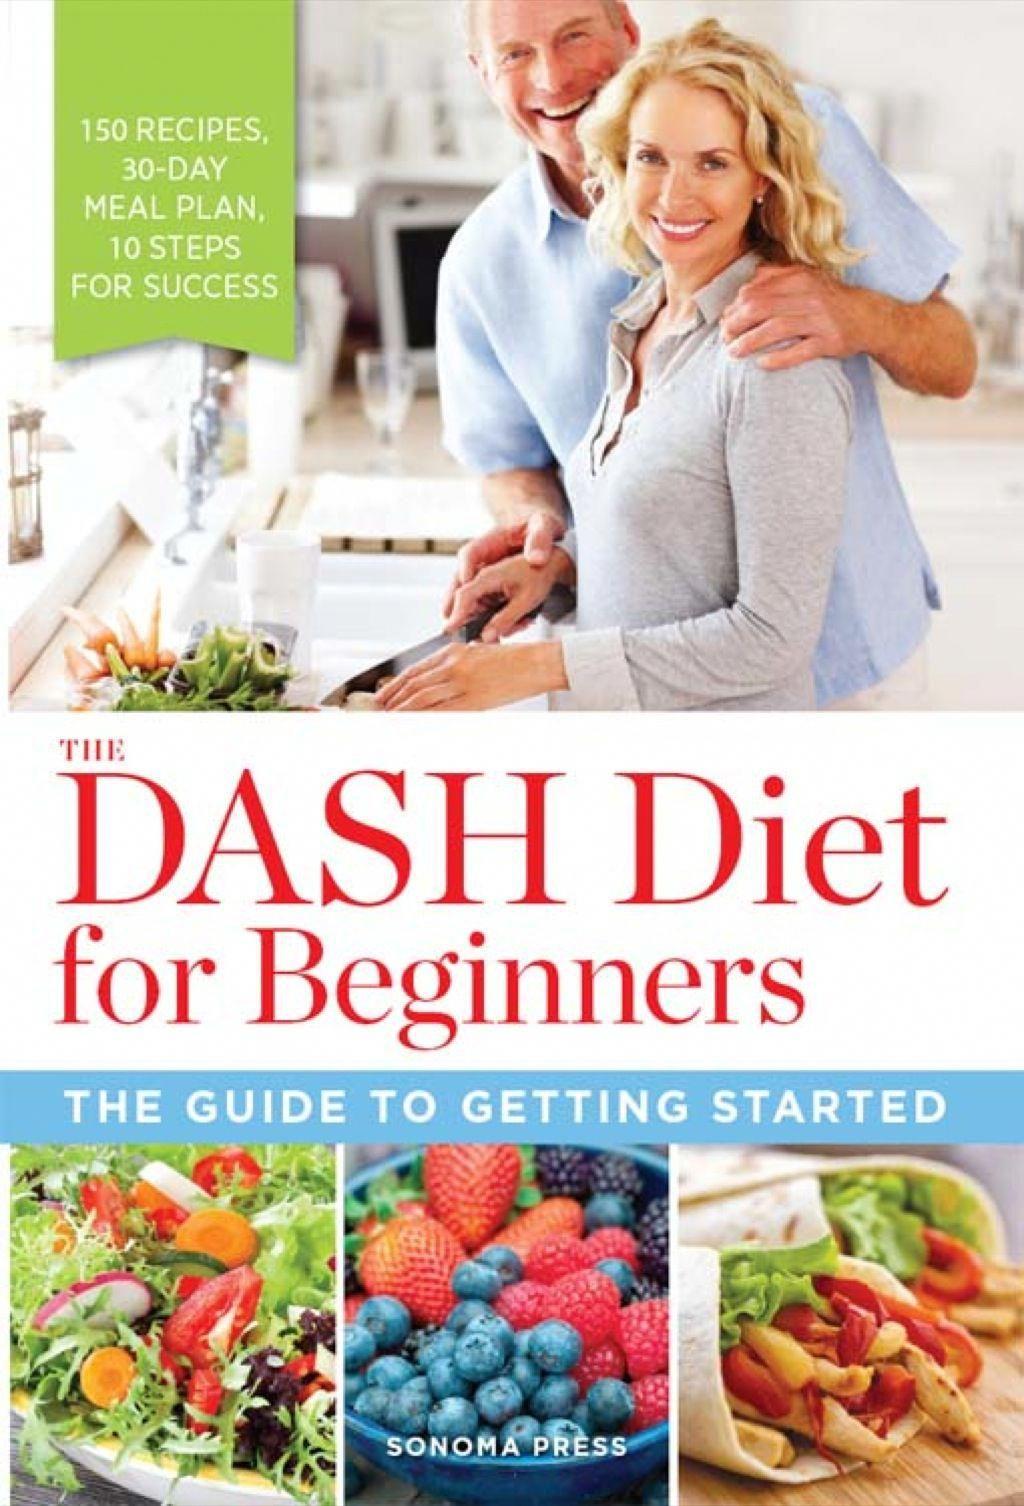 Banana smoothie Recipe Dash diet, Dash diet plan, Dash